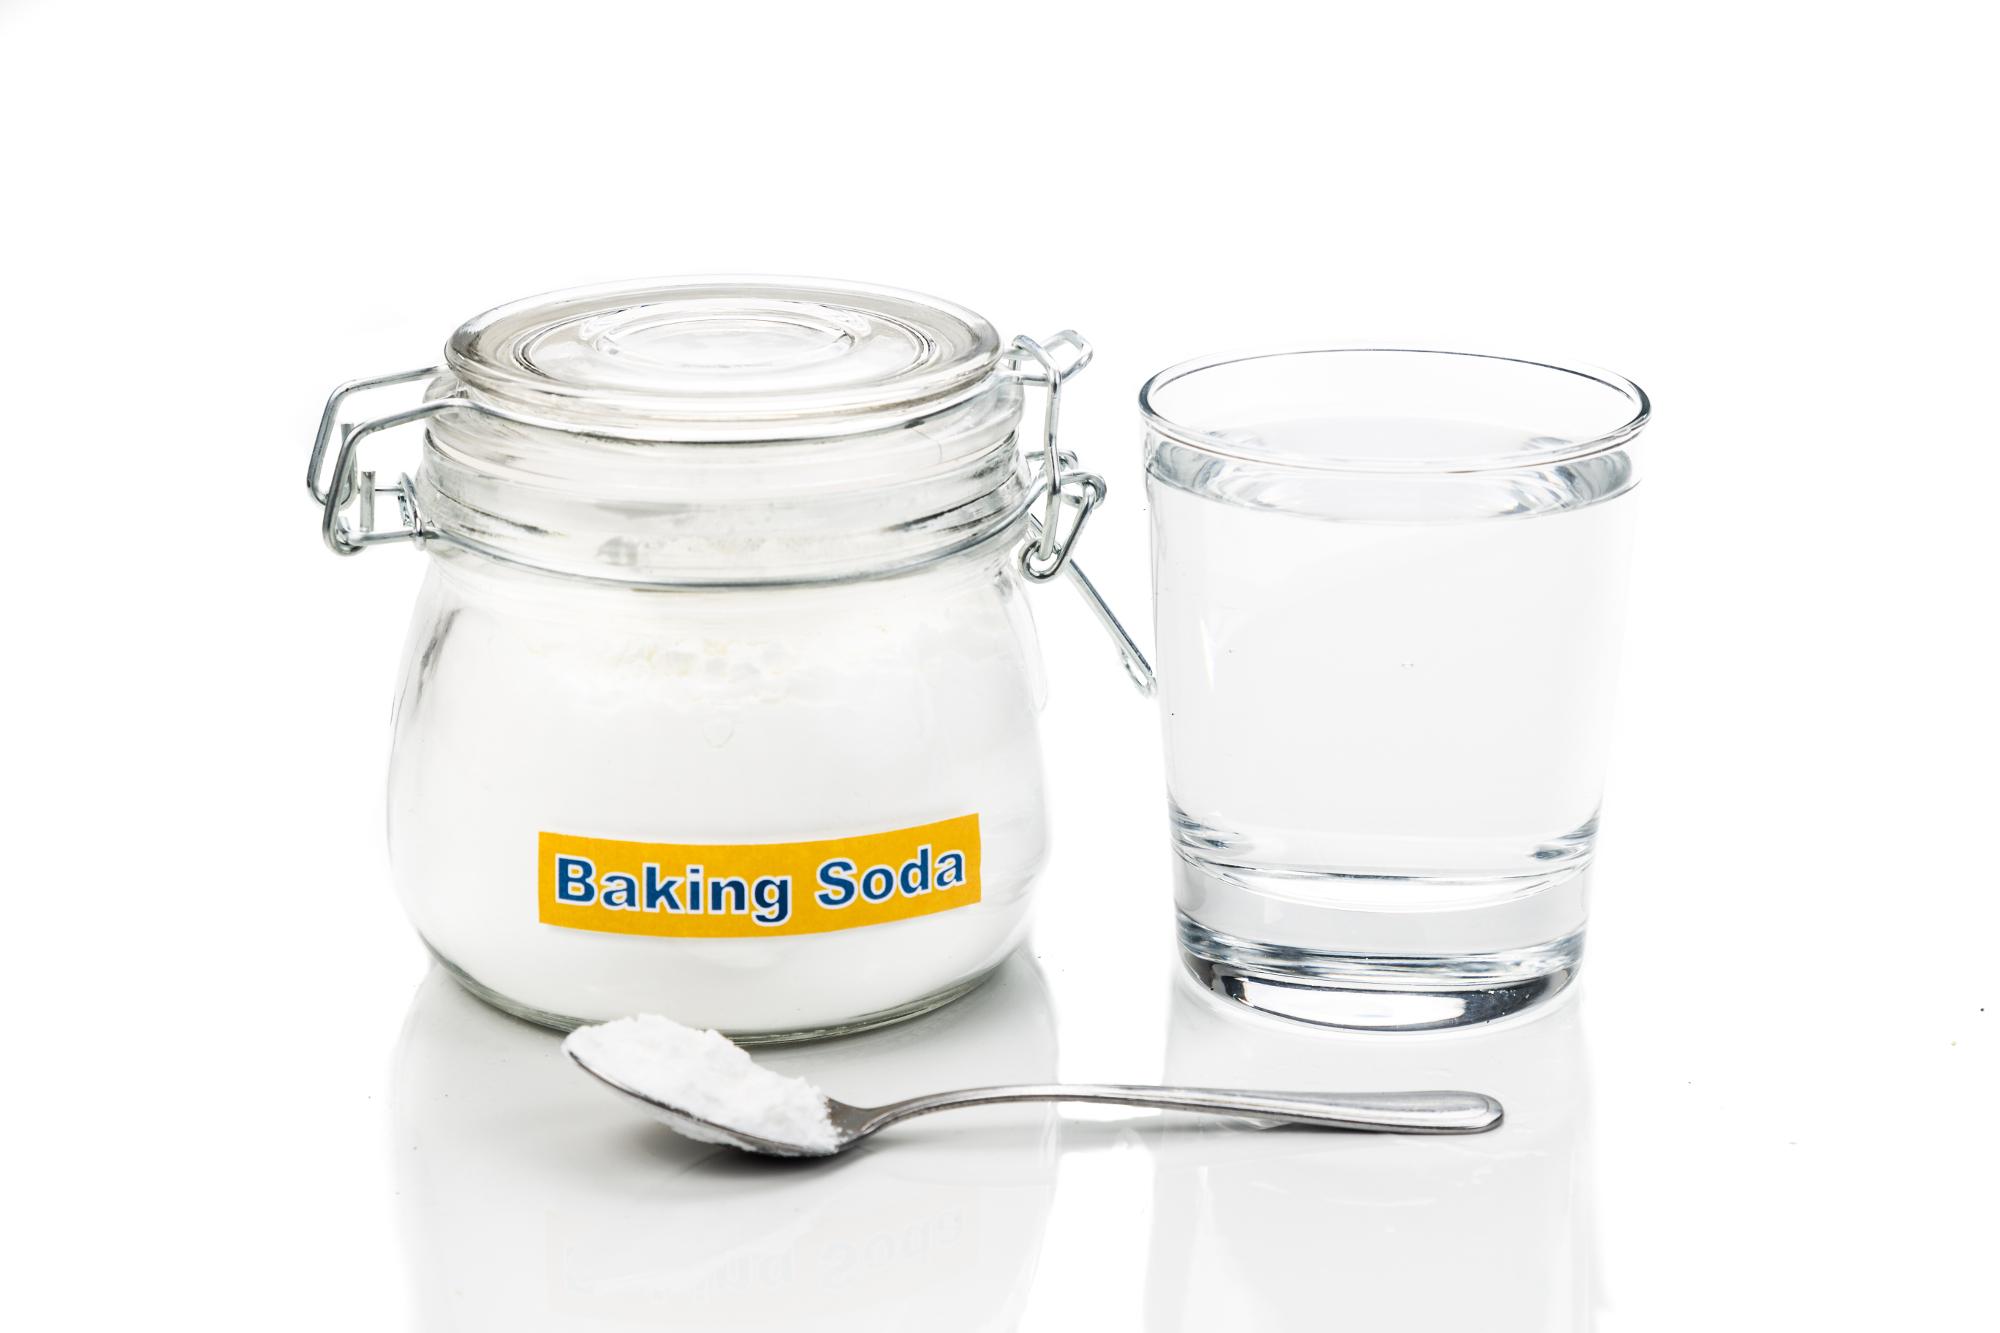 schoonmaken natuurlijke schoonmaakmiddelen baking soda baksoda natriumbicarbonaat citroen heet water groene zeep azijn schoonmaakazijn koffiedik